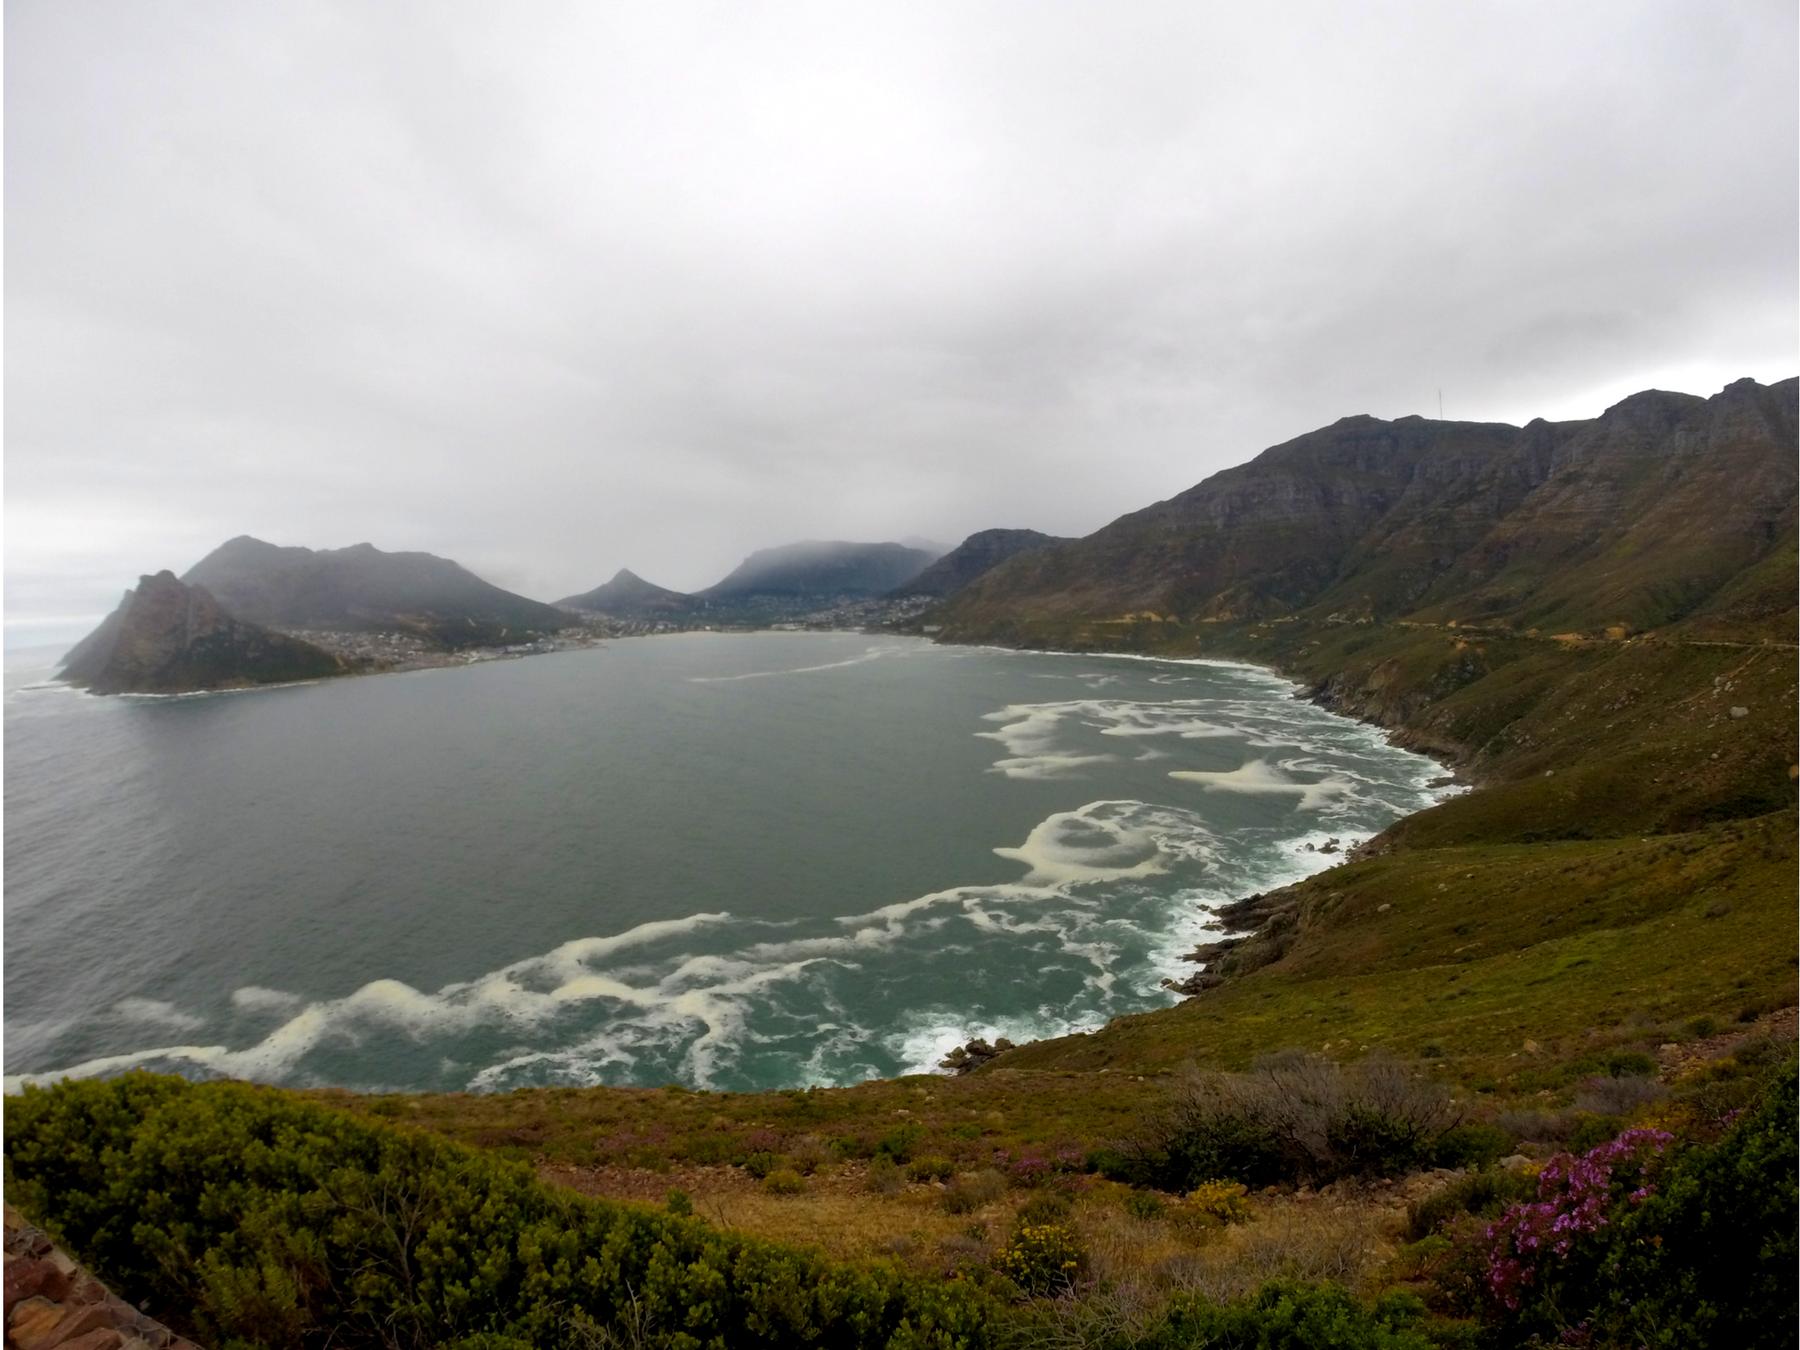 Roteiro-Cidade-do-Cabo-4-a-7-dias-Chapmans-Peak-Drive Roteiro Cidade do Cabo 4 a 7 dias (Sensacional)!